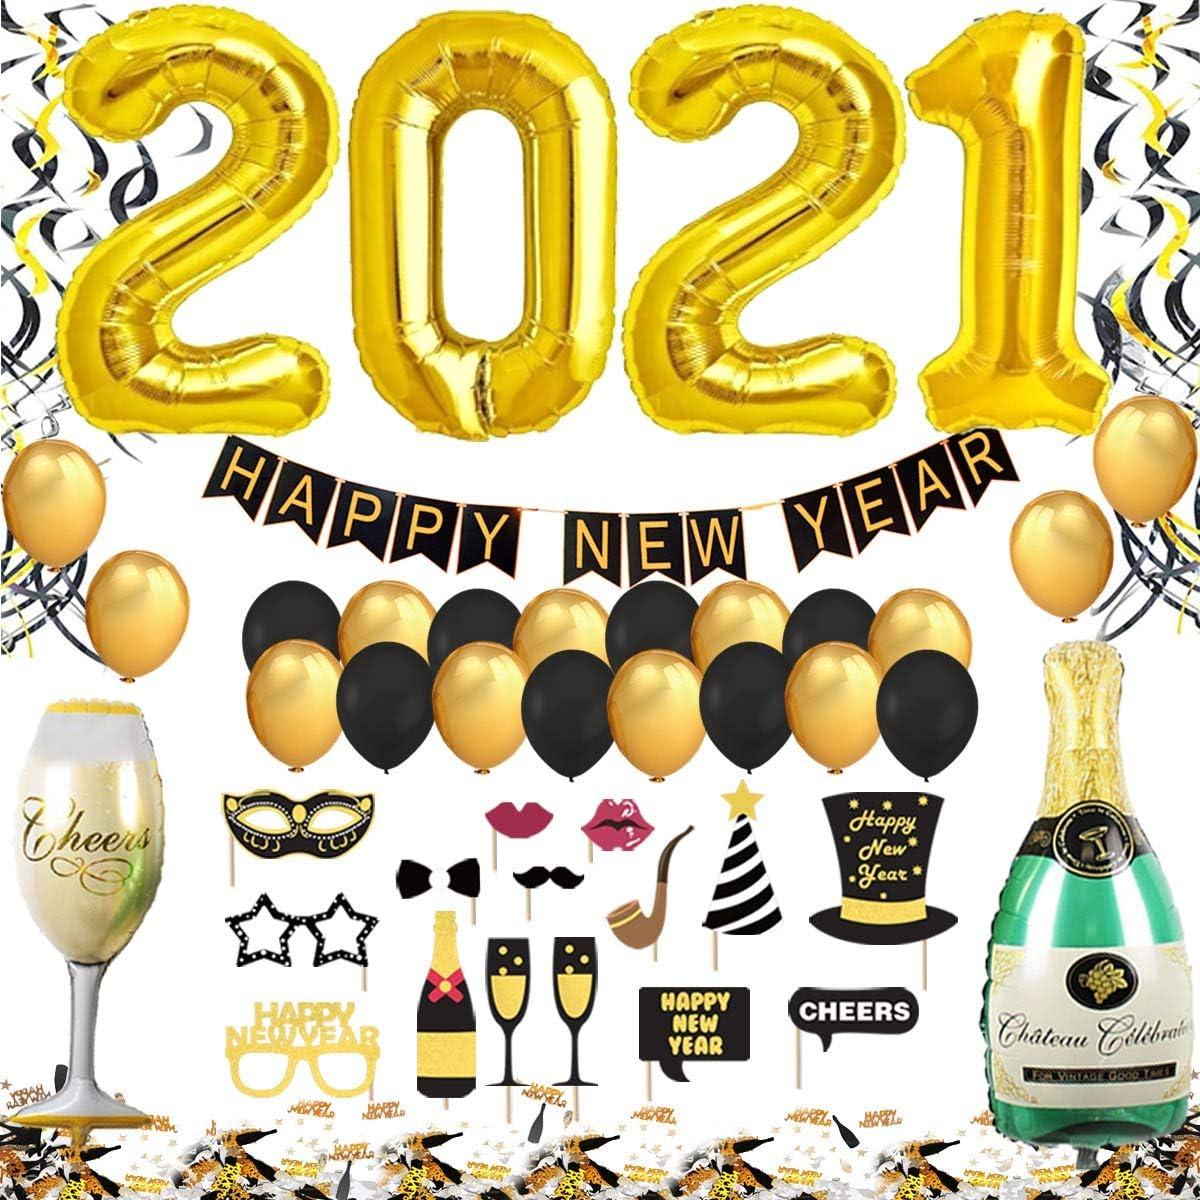 Decoracion Nochevieja 2021 XXL Set, Banderinas Feliz Año Happy New Year,Globos 2021 Gigantes, Accesorios de Fotomaton, Globos Confeti y Remolinos para Fiesta de Víspera de Año